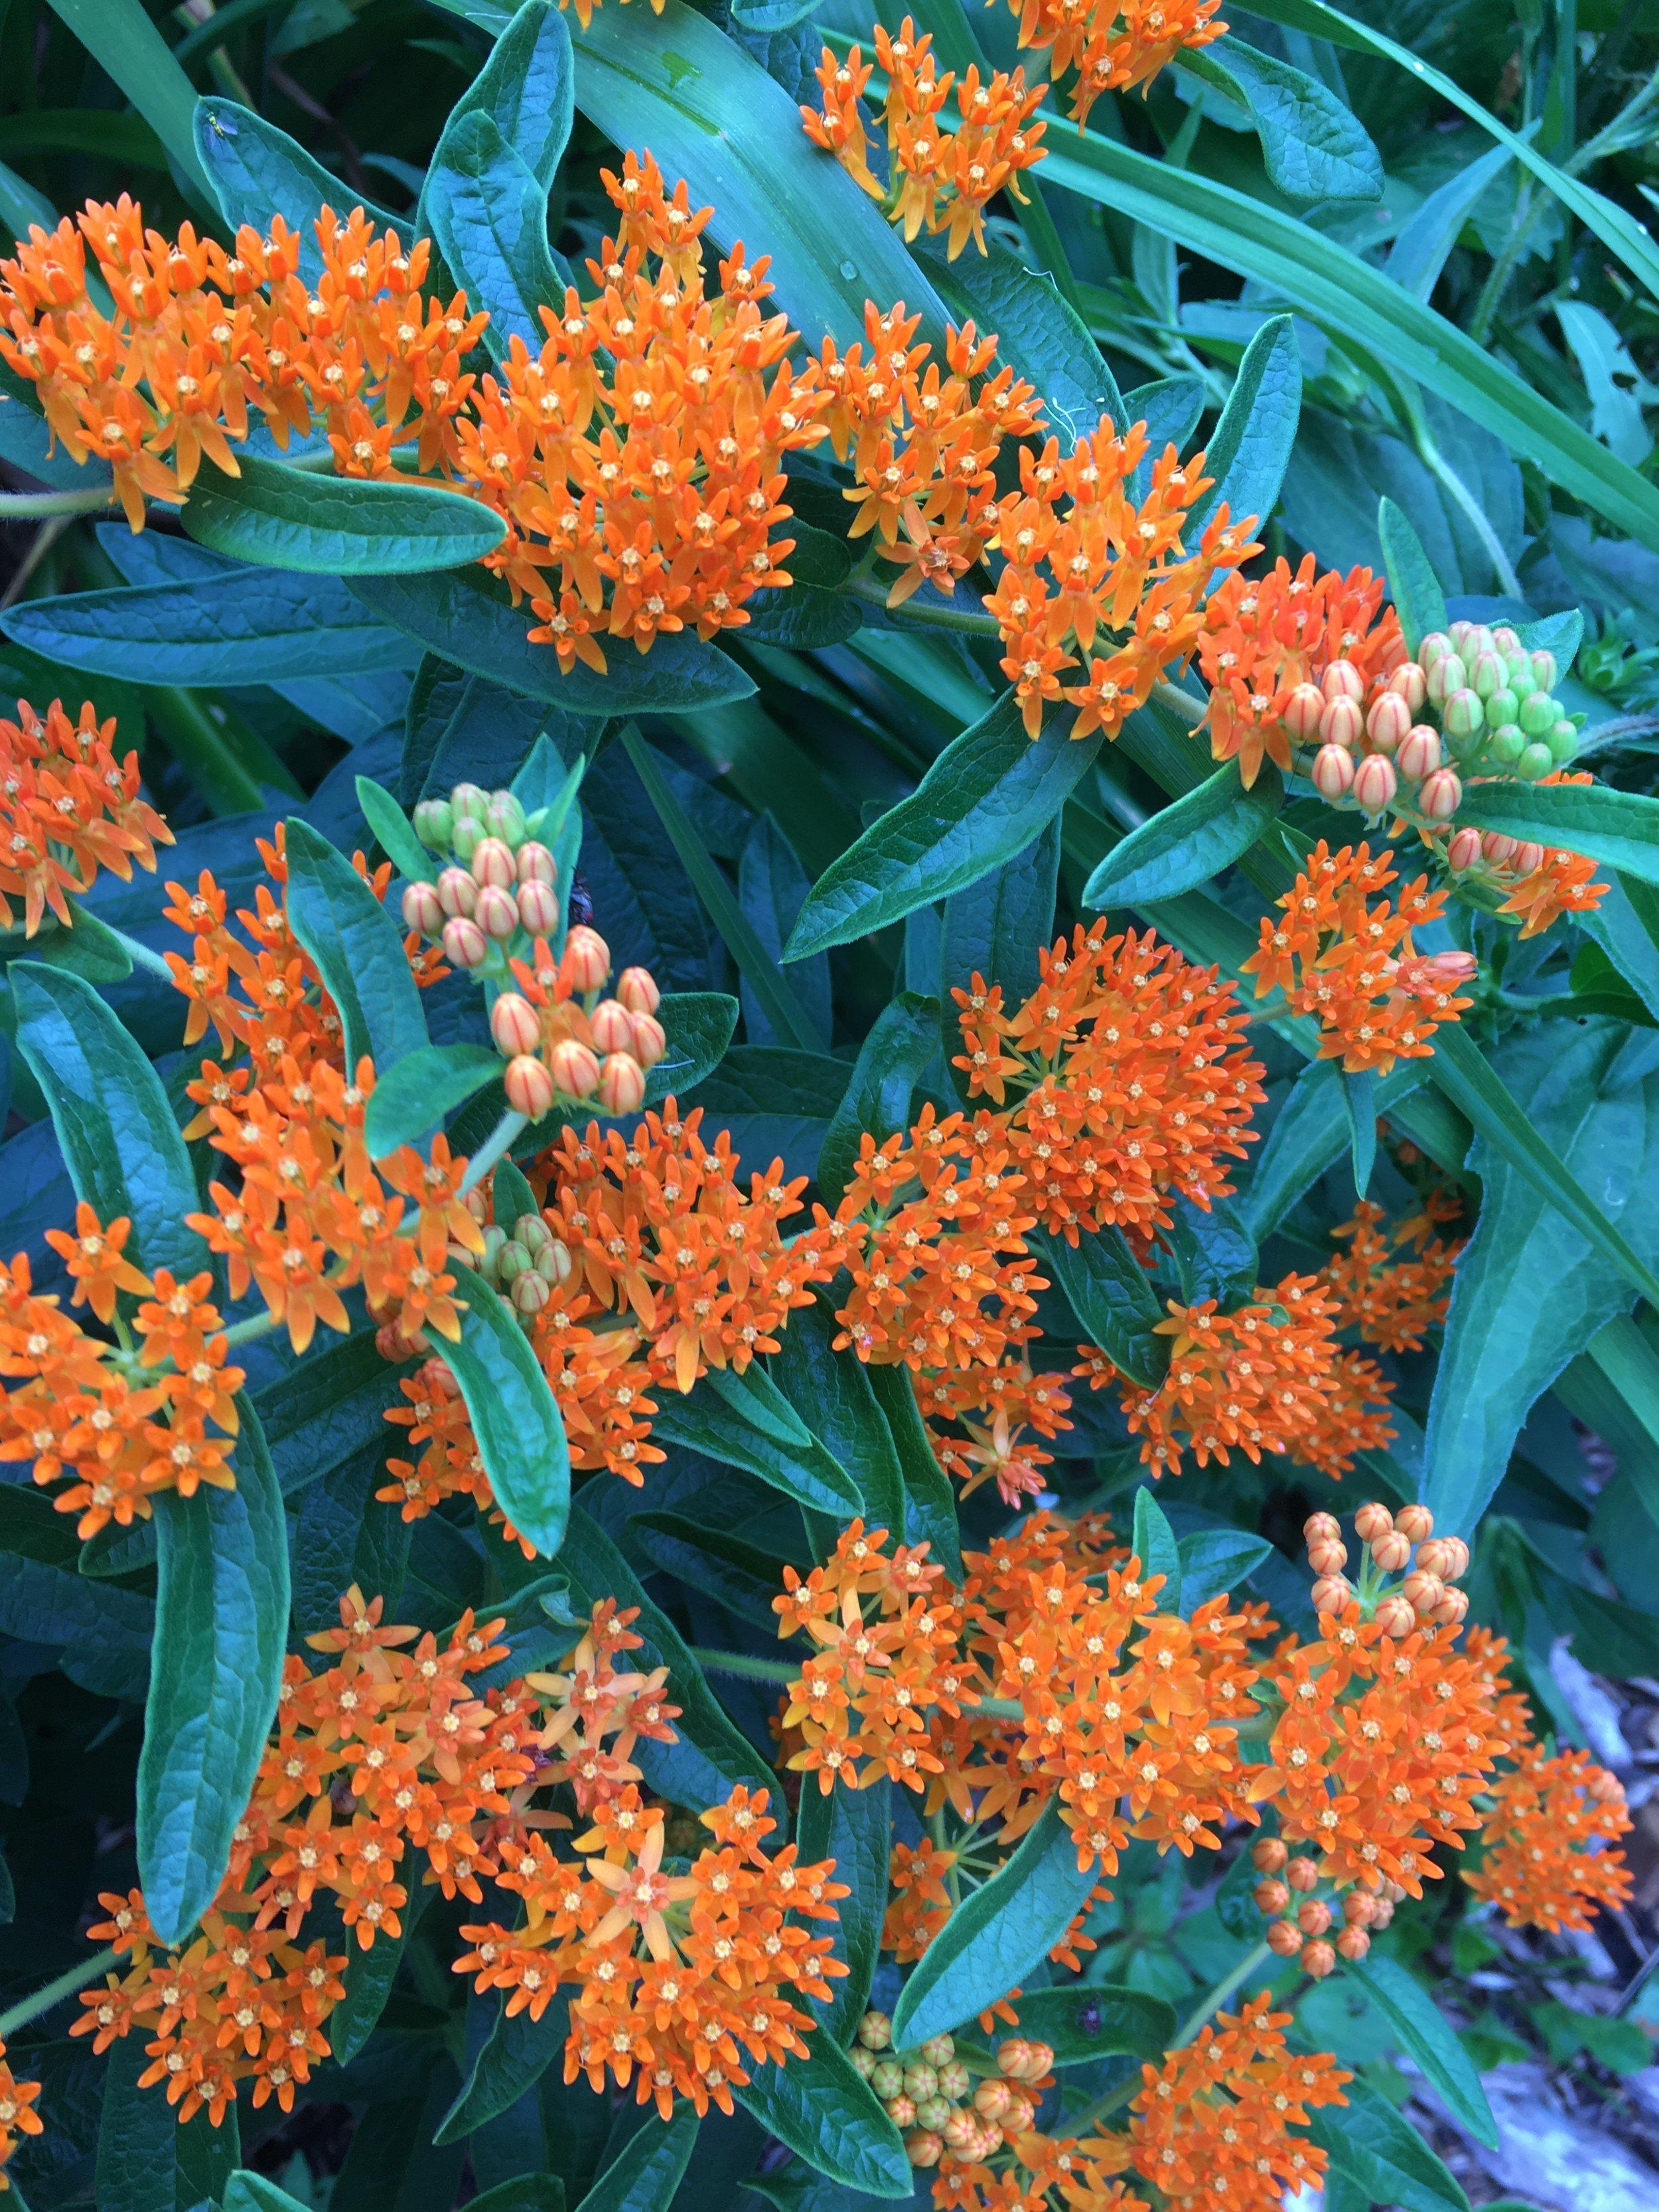 Orange flowers against blue green shiny leaves